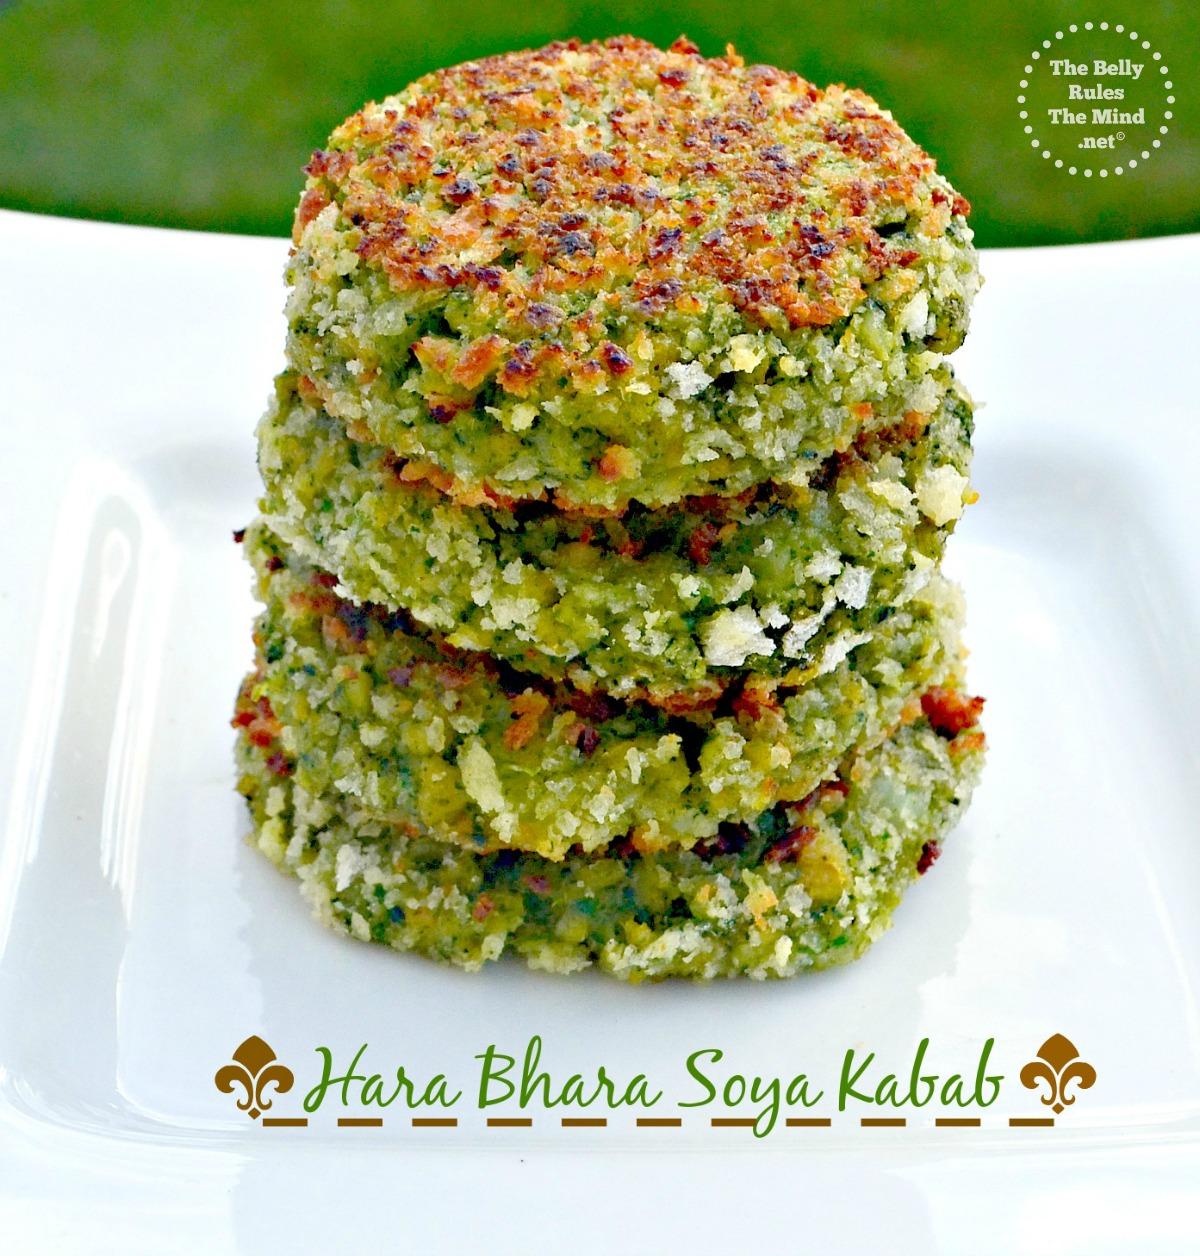 Hara bhara soya kabab